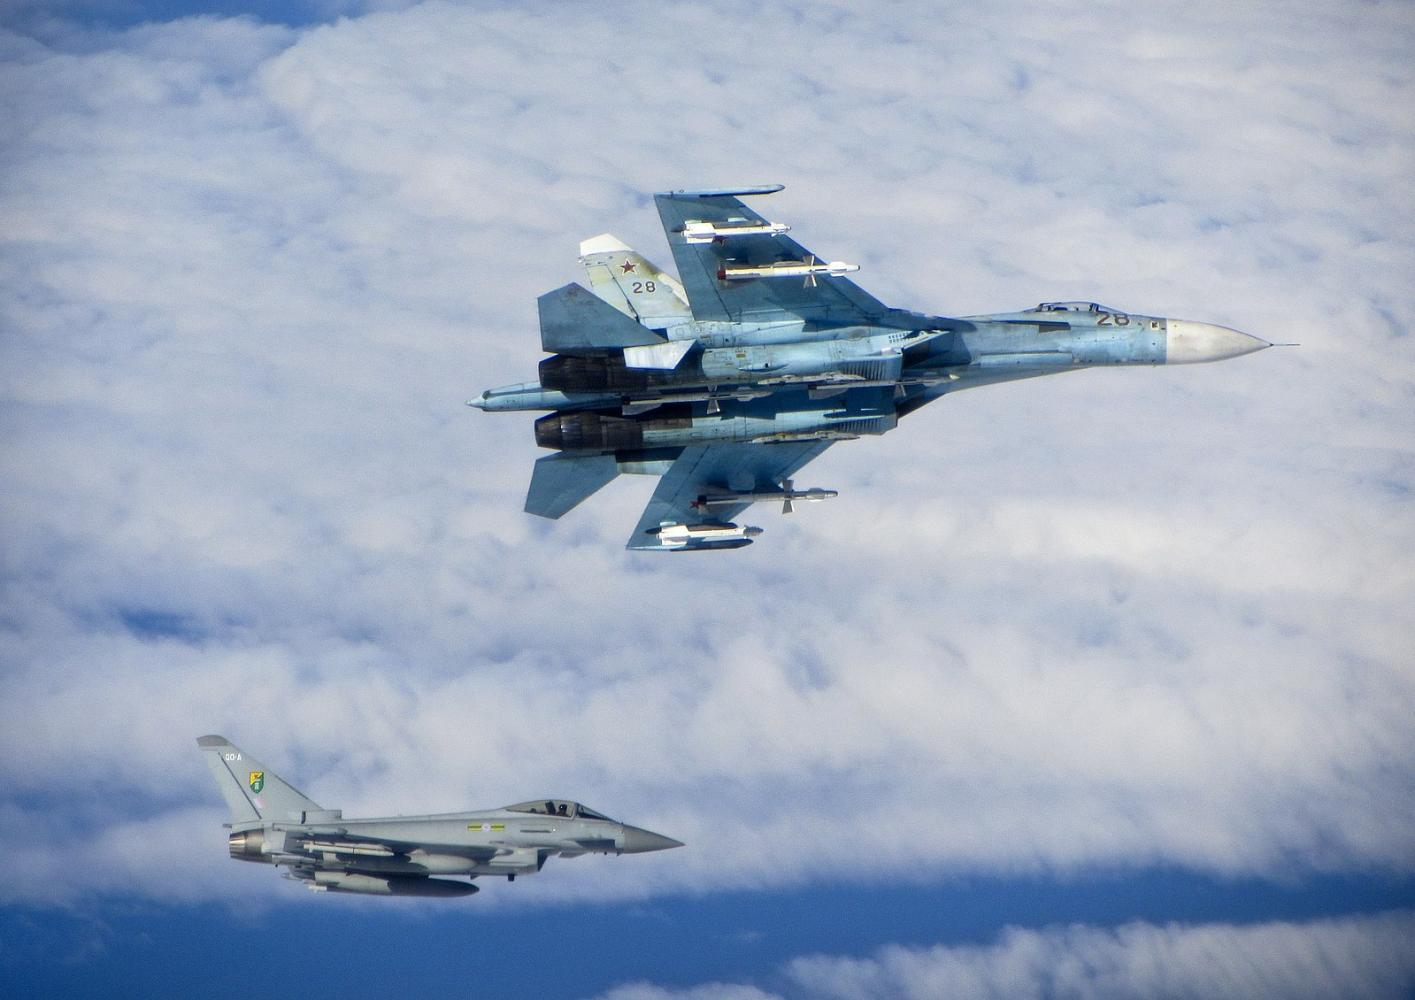 原创 重型三代机对决,美军F15战斗机后院挑衅,俄军苏27推杆撞去